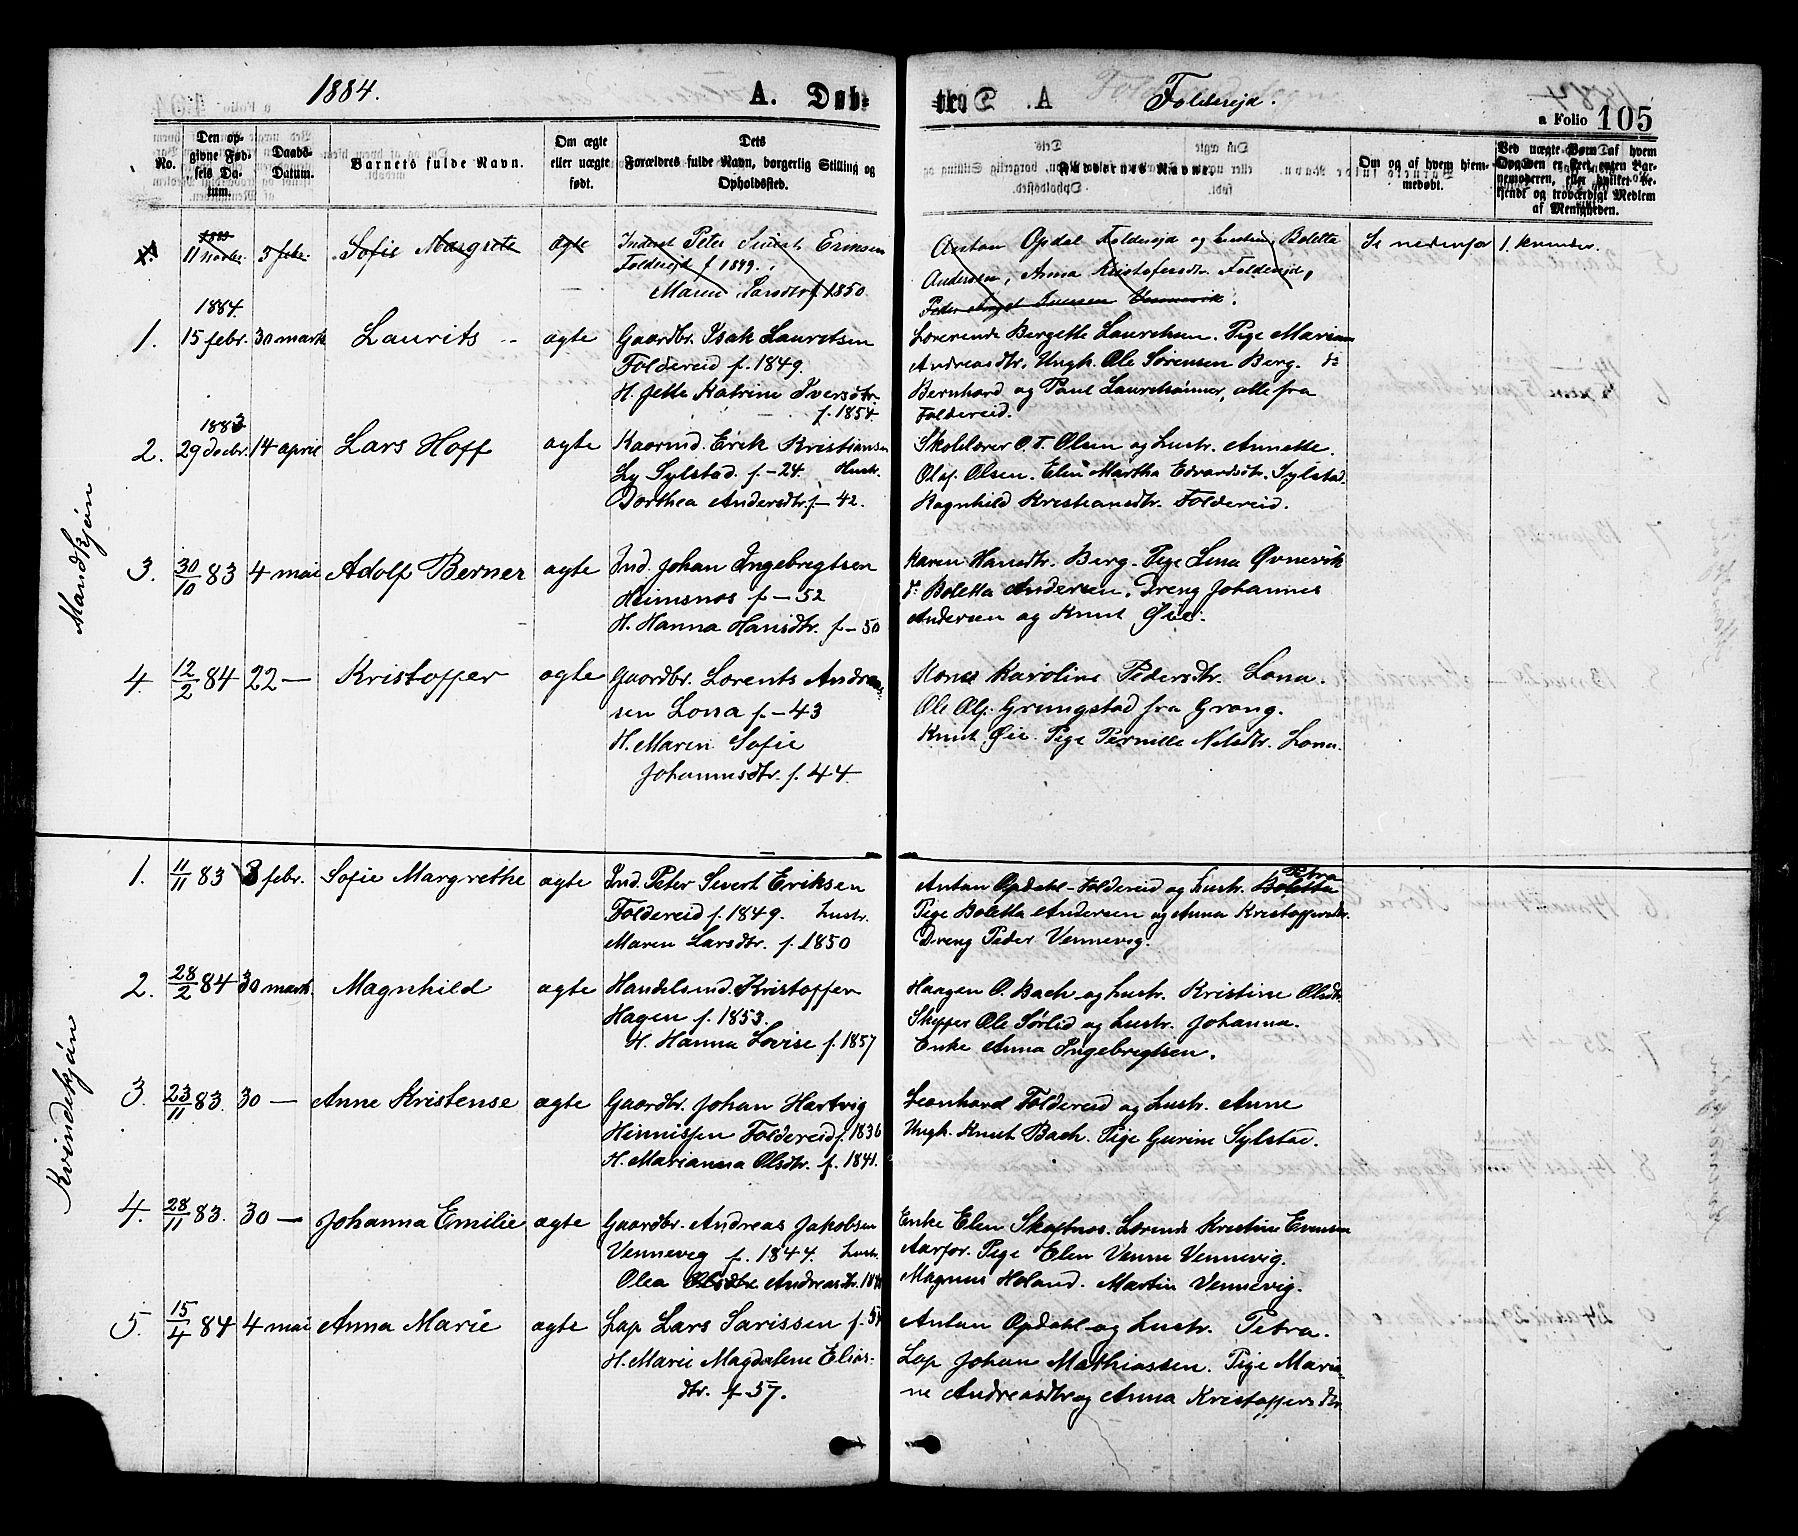 SAT, Ministerialprotokoller, klokkerbøker og fødselsregistre - Nord-Trøndelag, 780/L0642: Ministerialbok nr. 780A07 /2, 1878-1885, s. 105